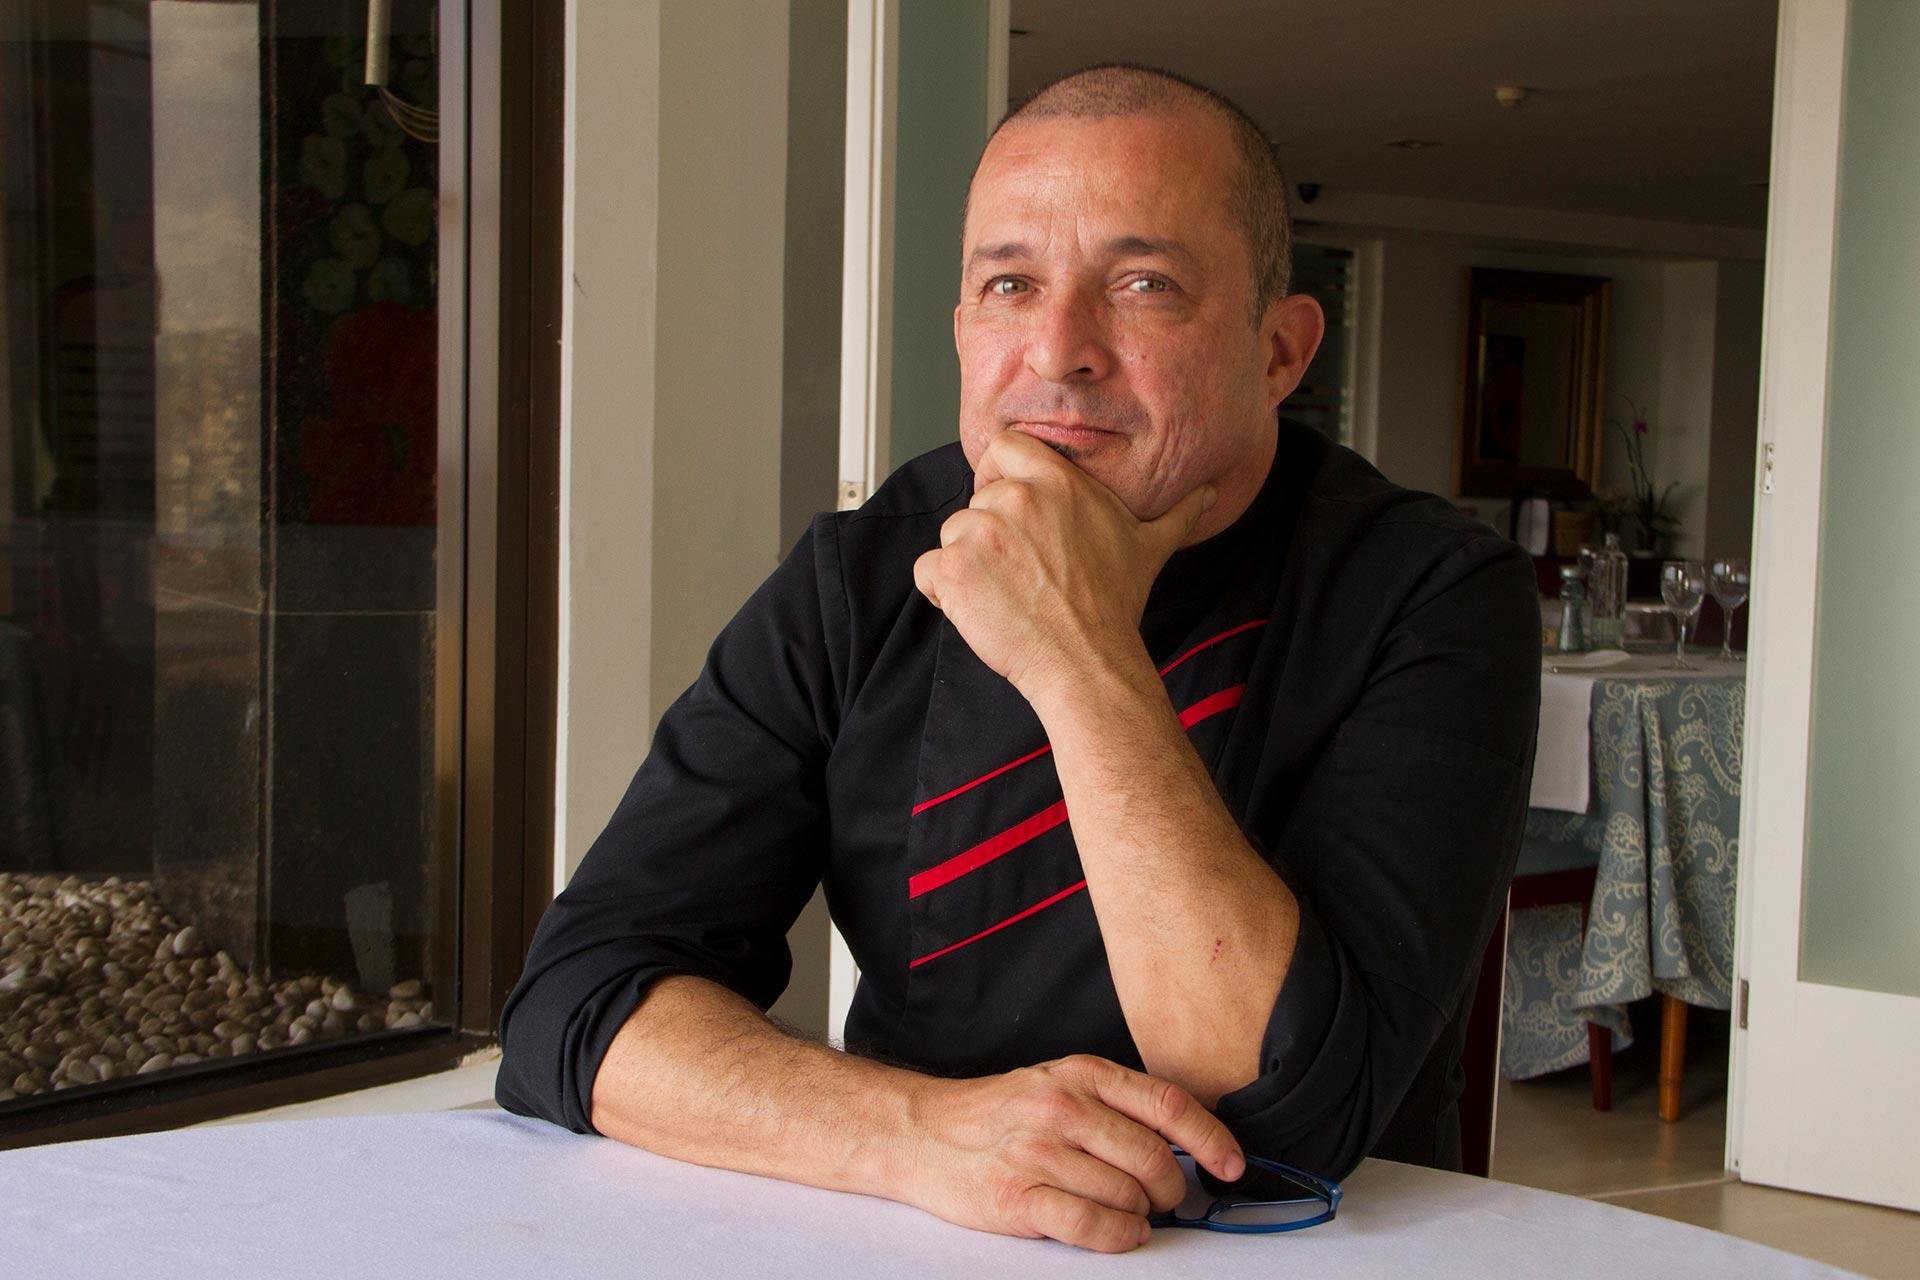 Daniel Orihuela